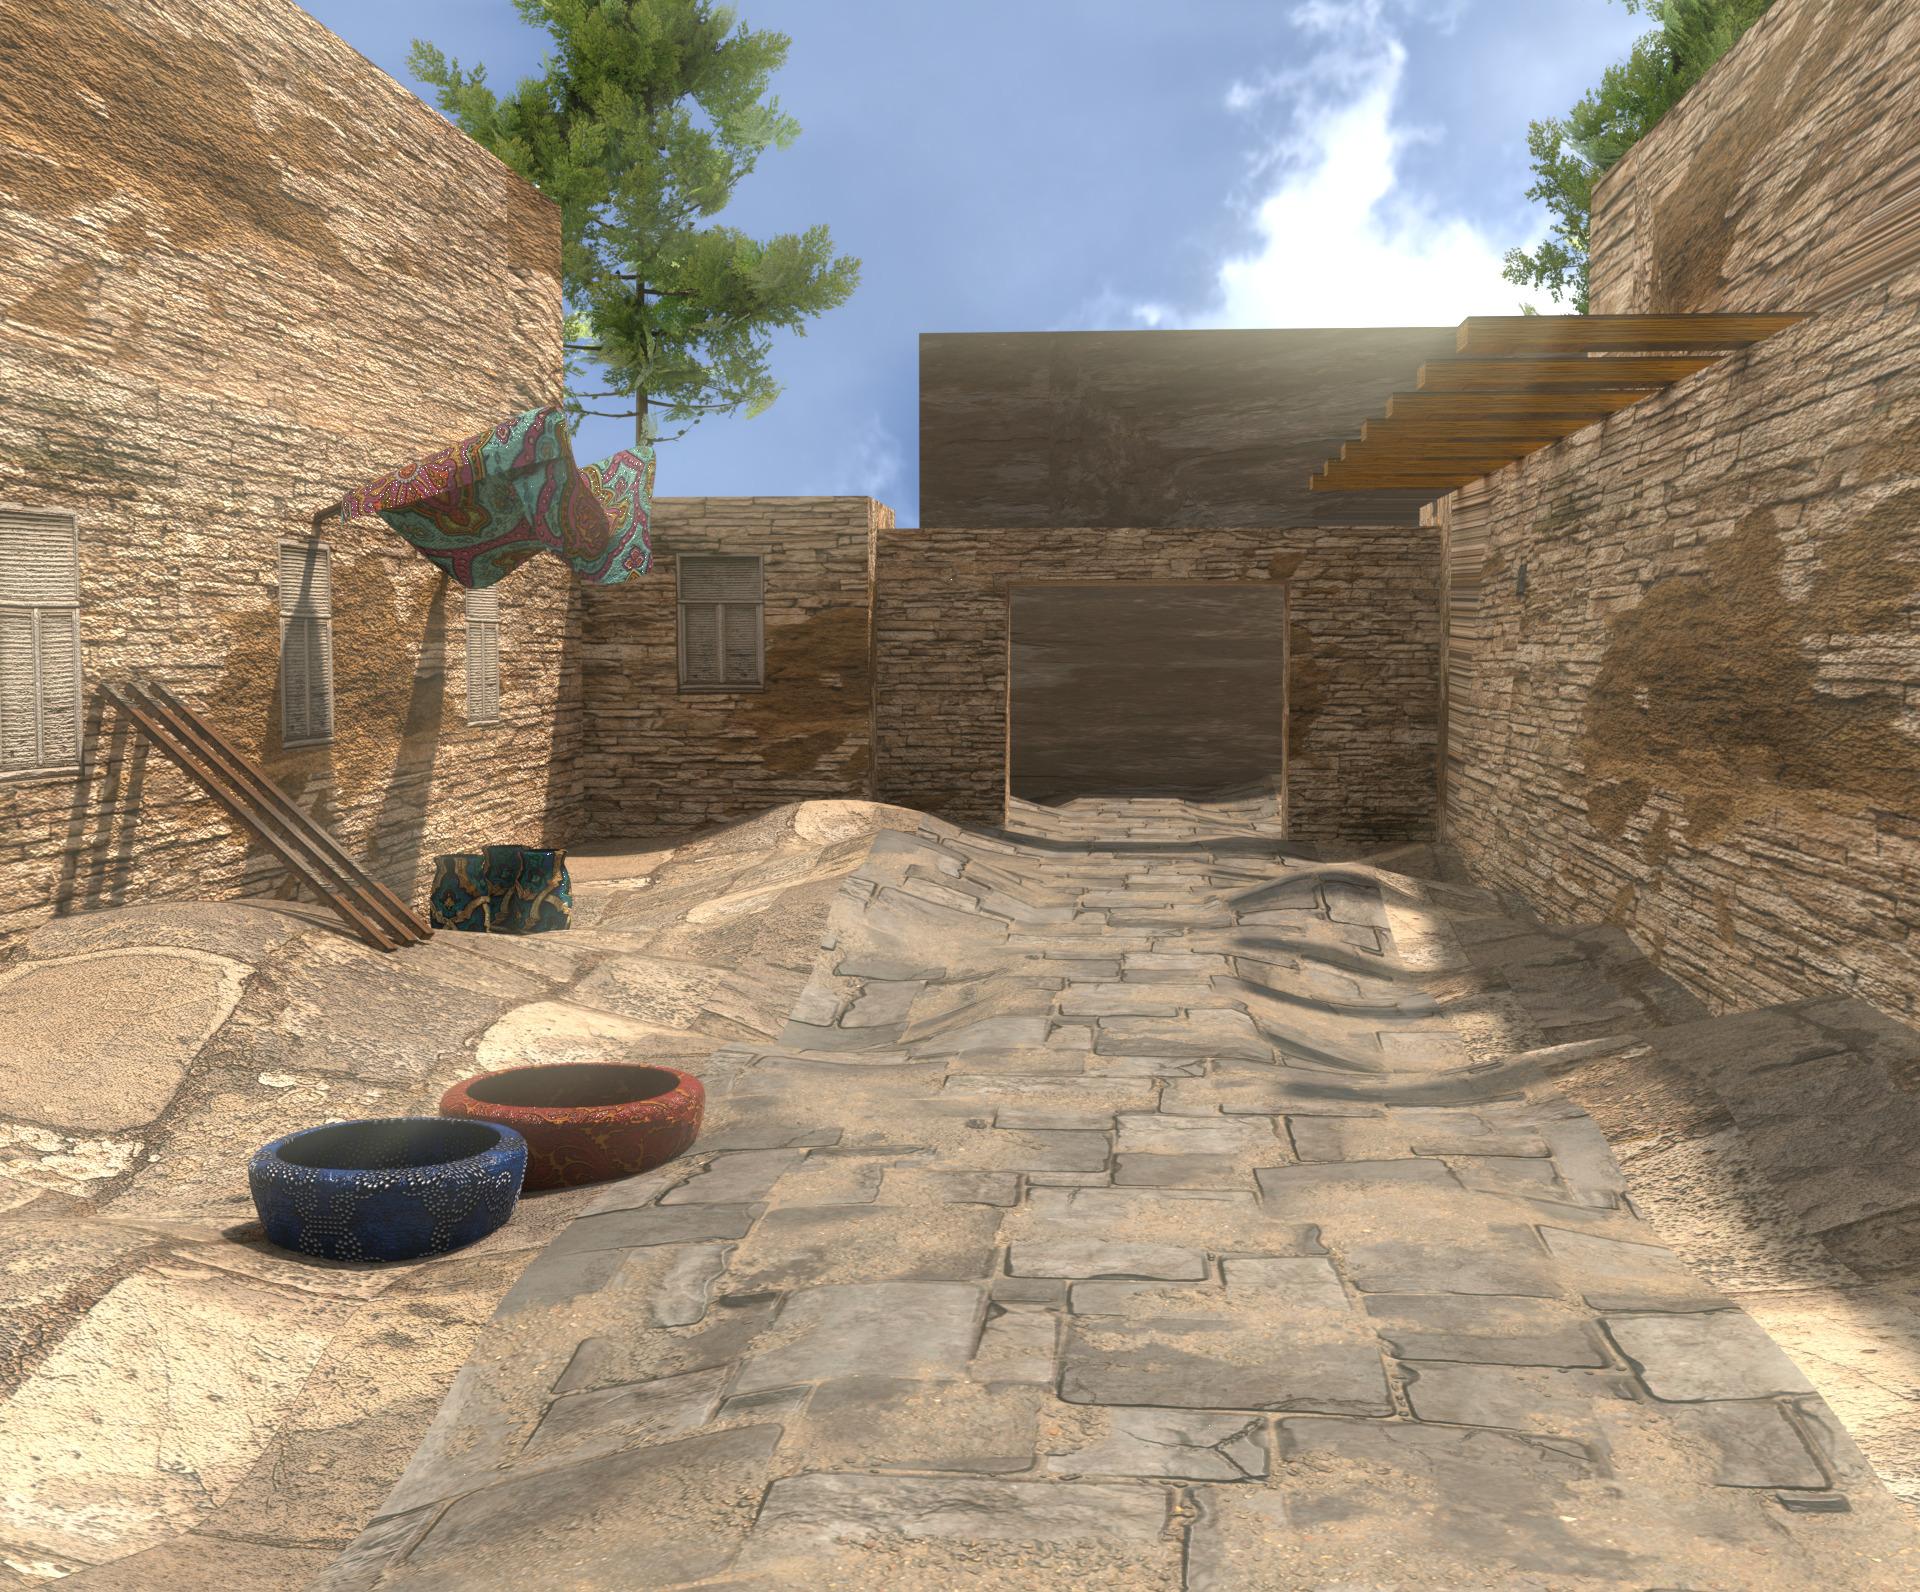 Alley - ceramic, architecture, sunshine - solutuminvictus | ello